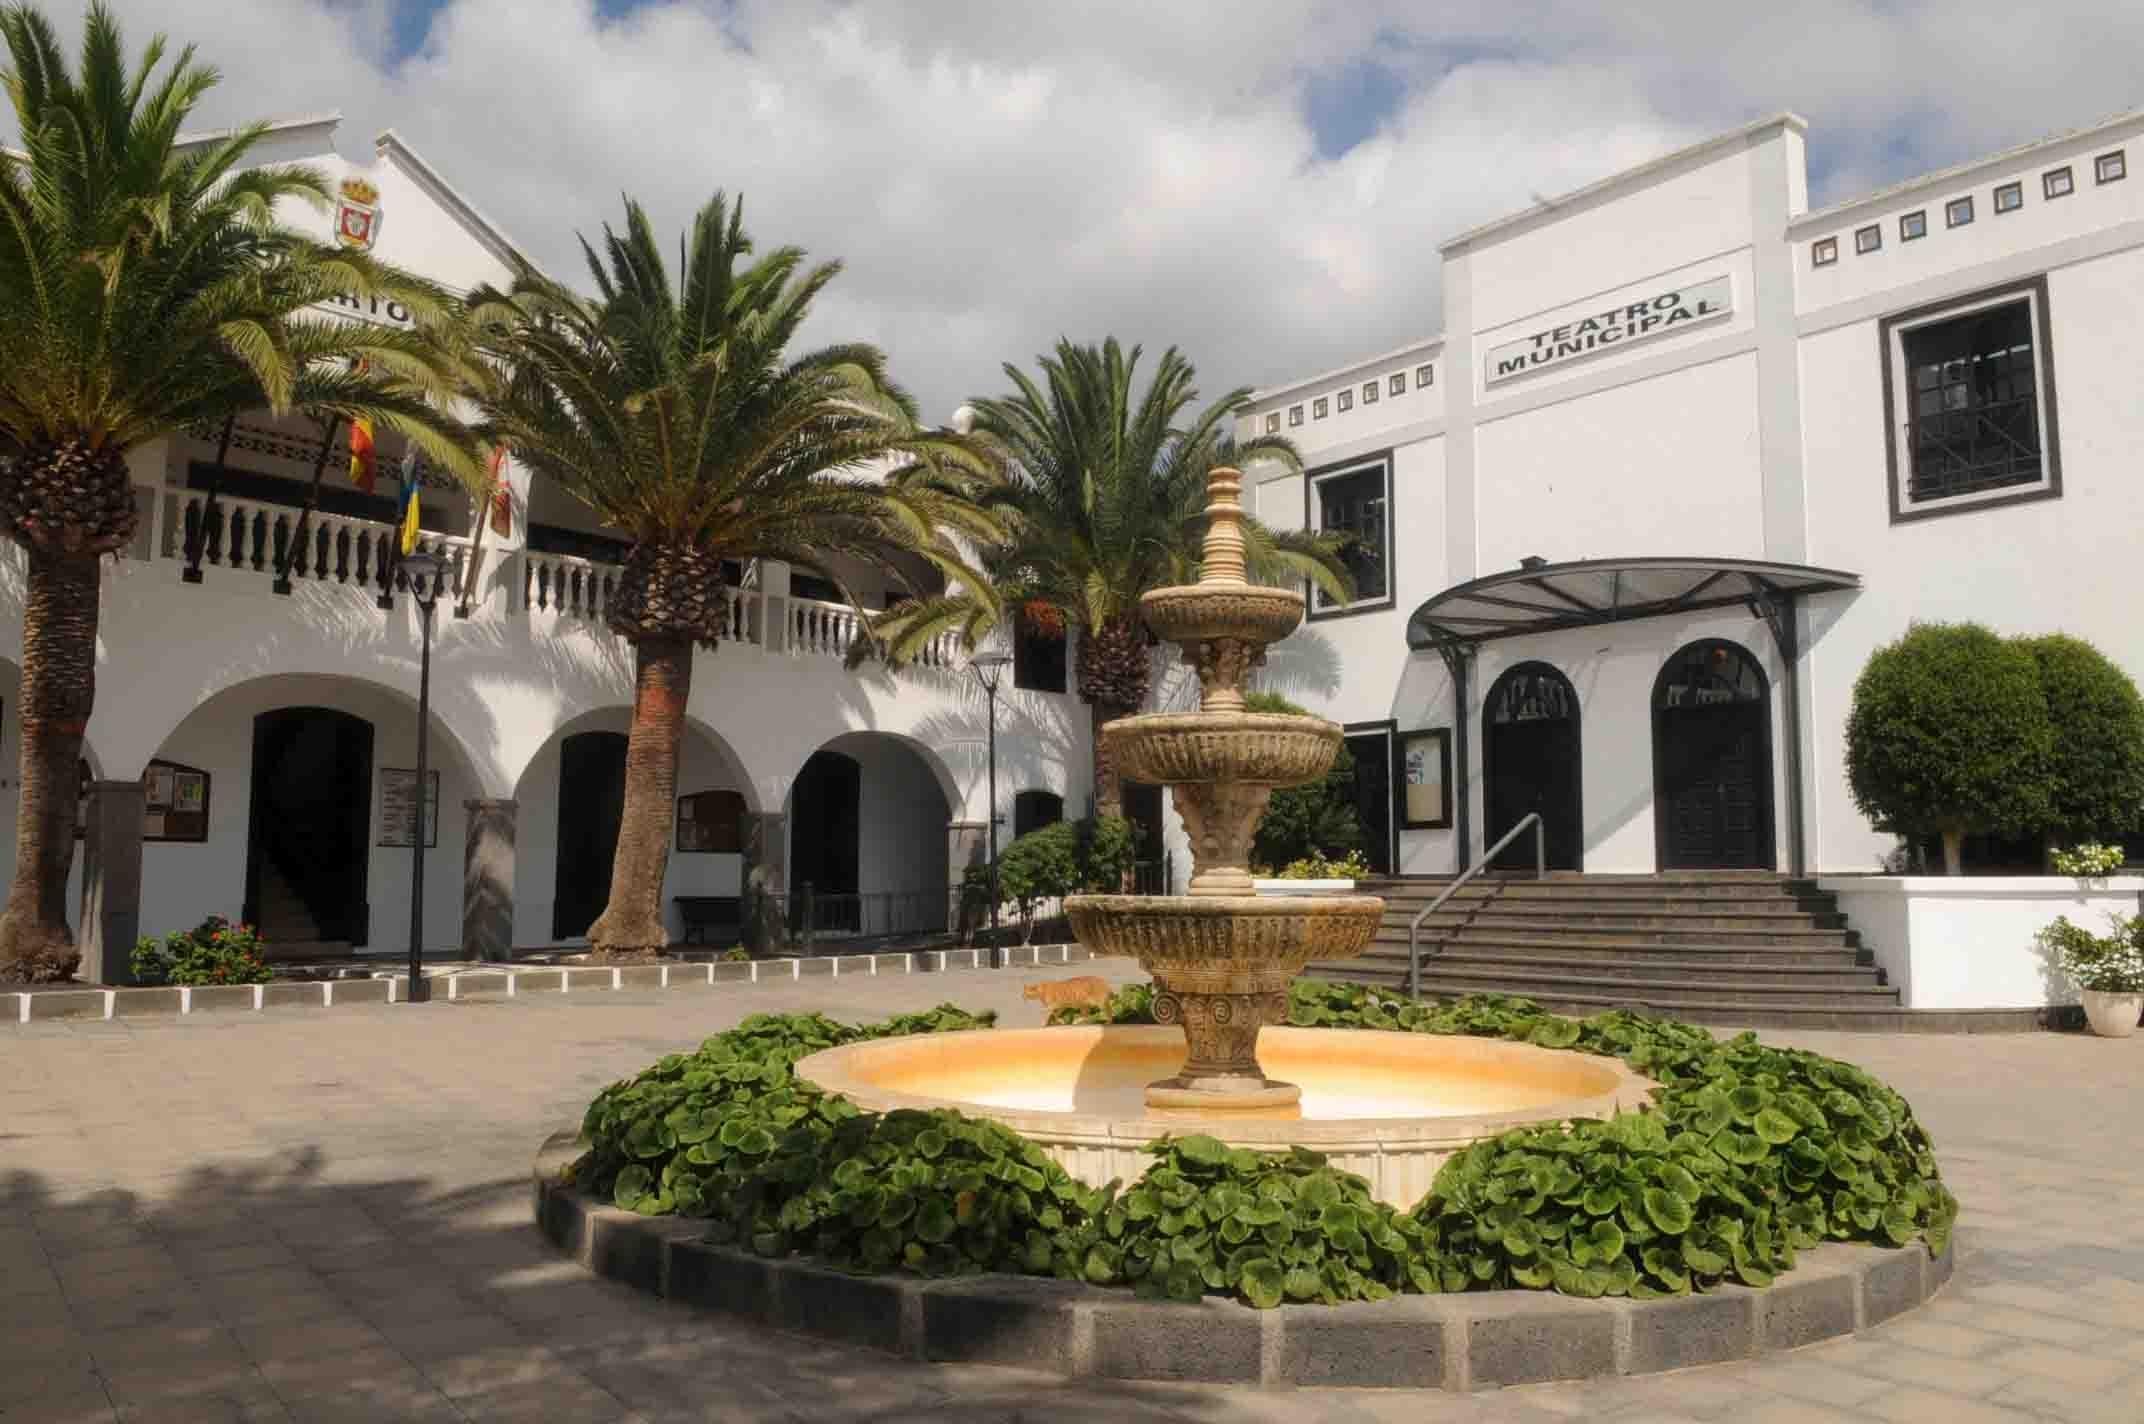 17 trabajadores de convenio desempeñarán labores en distintas áreas del Ayuntamiento de San Bartolomé por un período de 6 meses